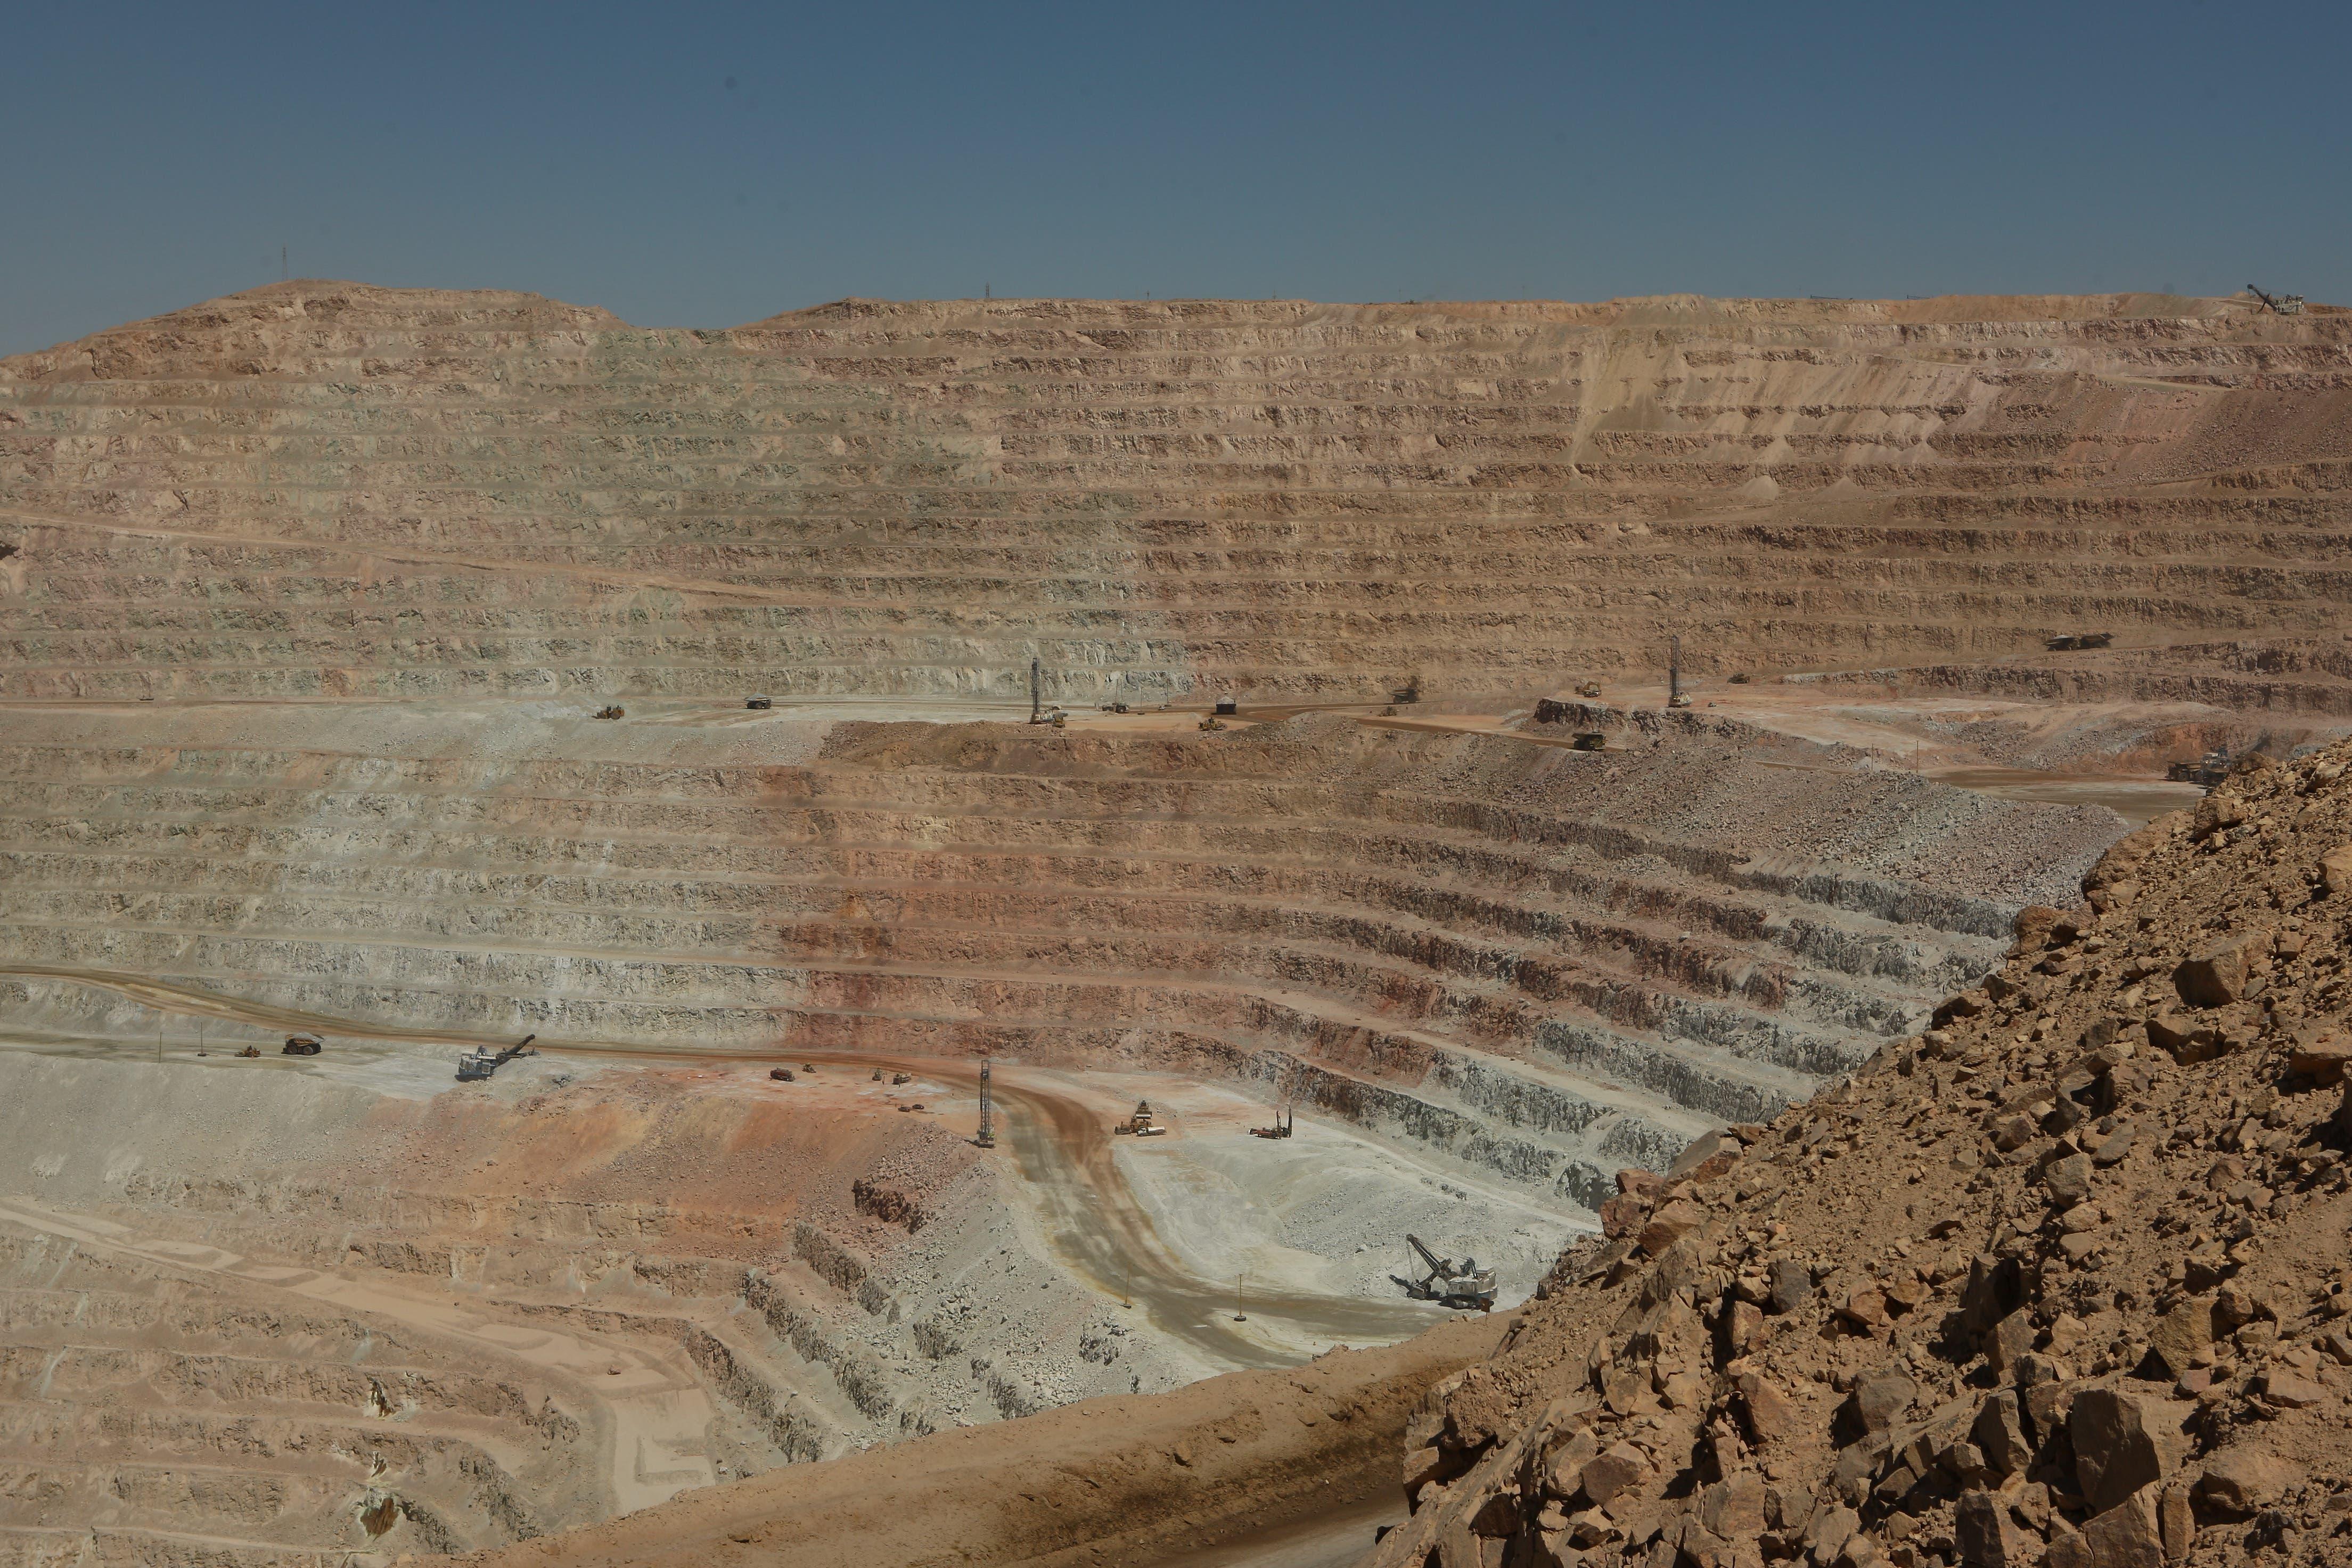 Chile 2012. Die produktivste Kupfermine der Welt, Escondida. Die südliche Abbaugrube hat ca 5 km Durchmesser und ist rund 600 m tief. Pro 24 Stunden Schicht werden hier eine Million Tonnen Gestein bewegt. (Bild: Kari Feierabend)